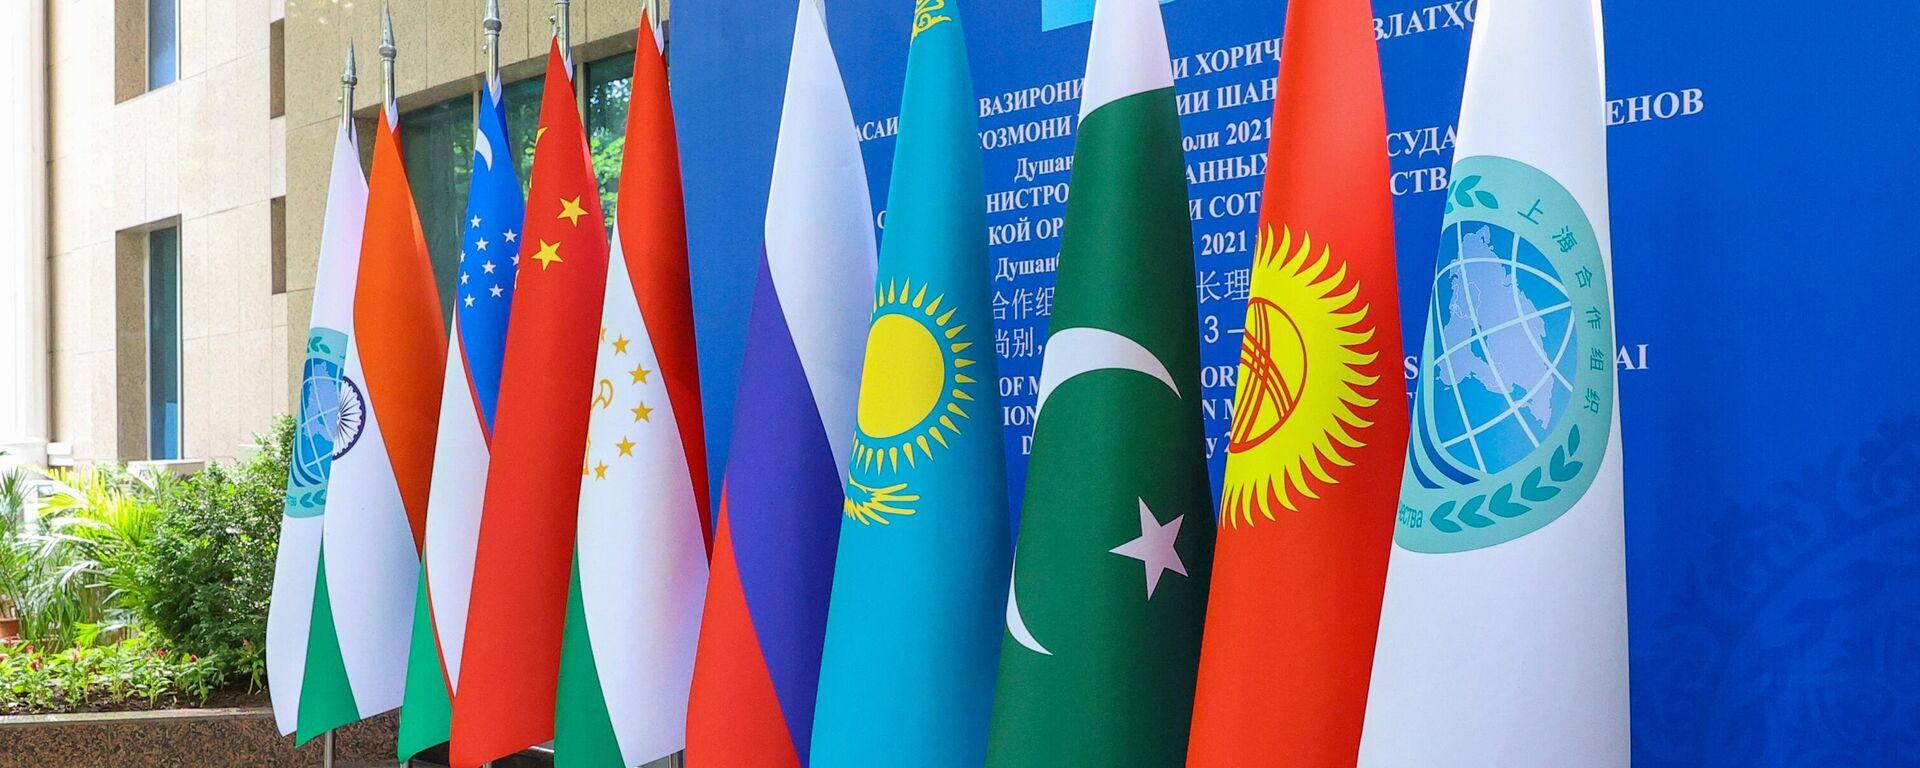 Flaggen der SOZ-Mitgliedsländer  - SNA, 1920, 17.09.2021